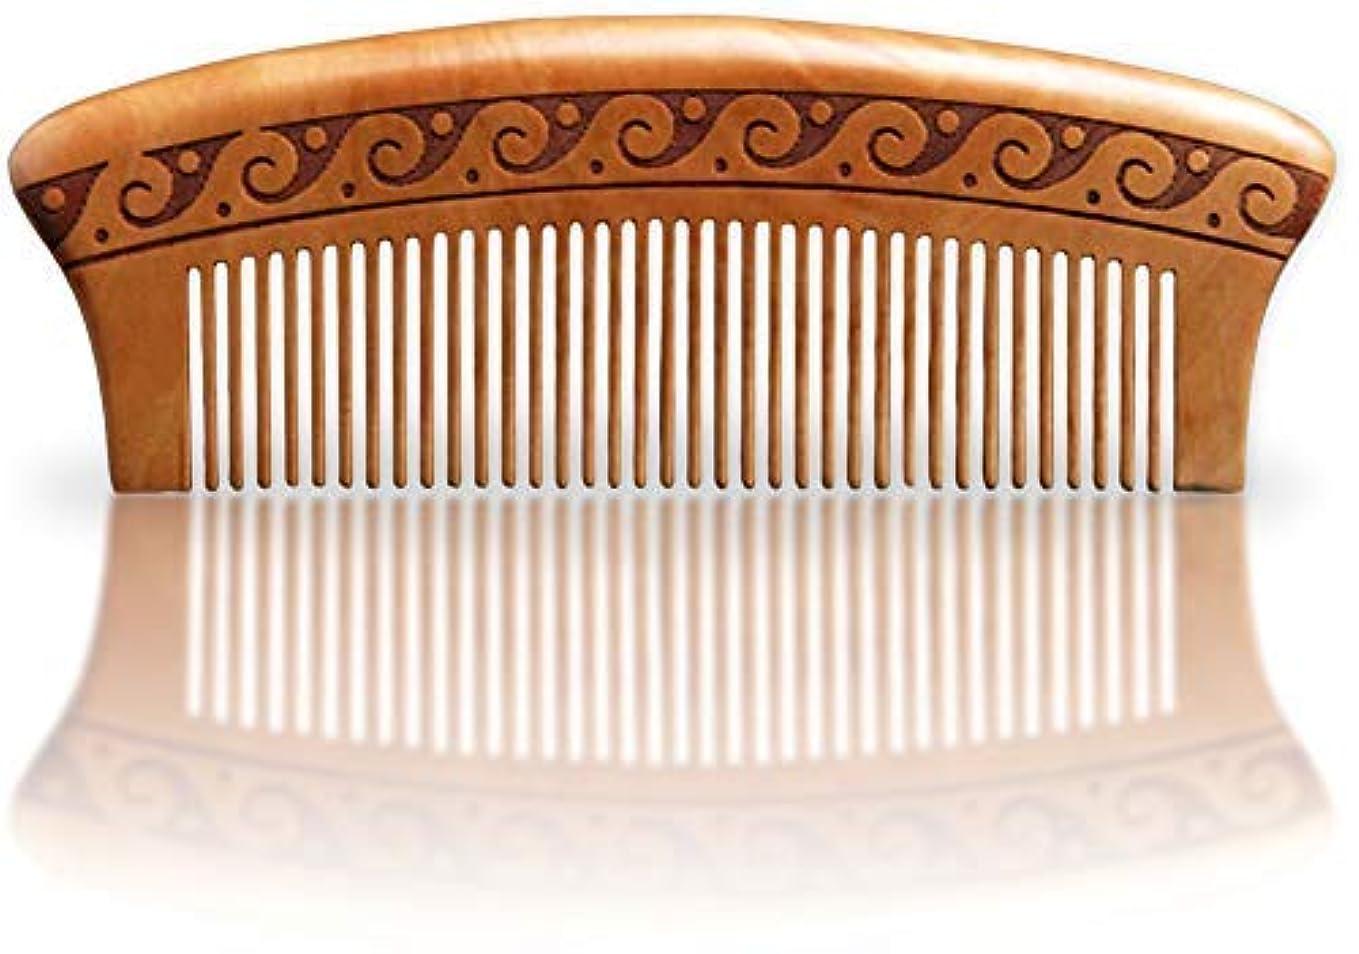 吸い込む連合エンコミウムBRIGHTFROM Wooden Hair Comb, Anti-Static, Detangling, Great for Hair, Beard, Mustache, Natural Peach Wood [並行輸入品]